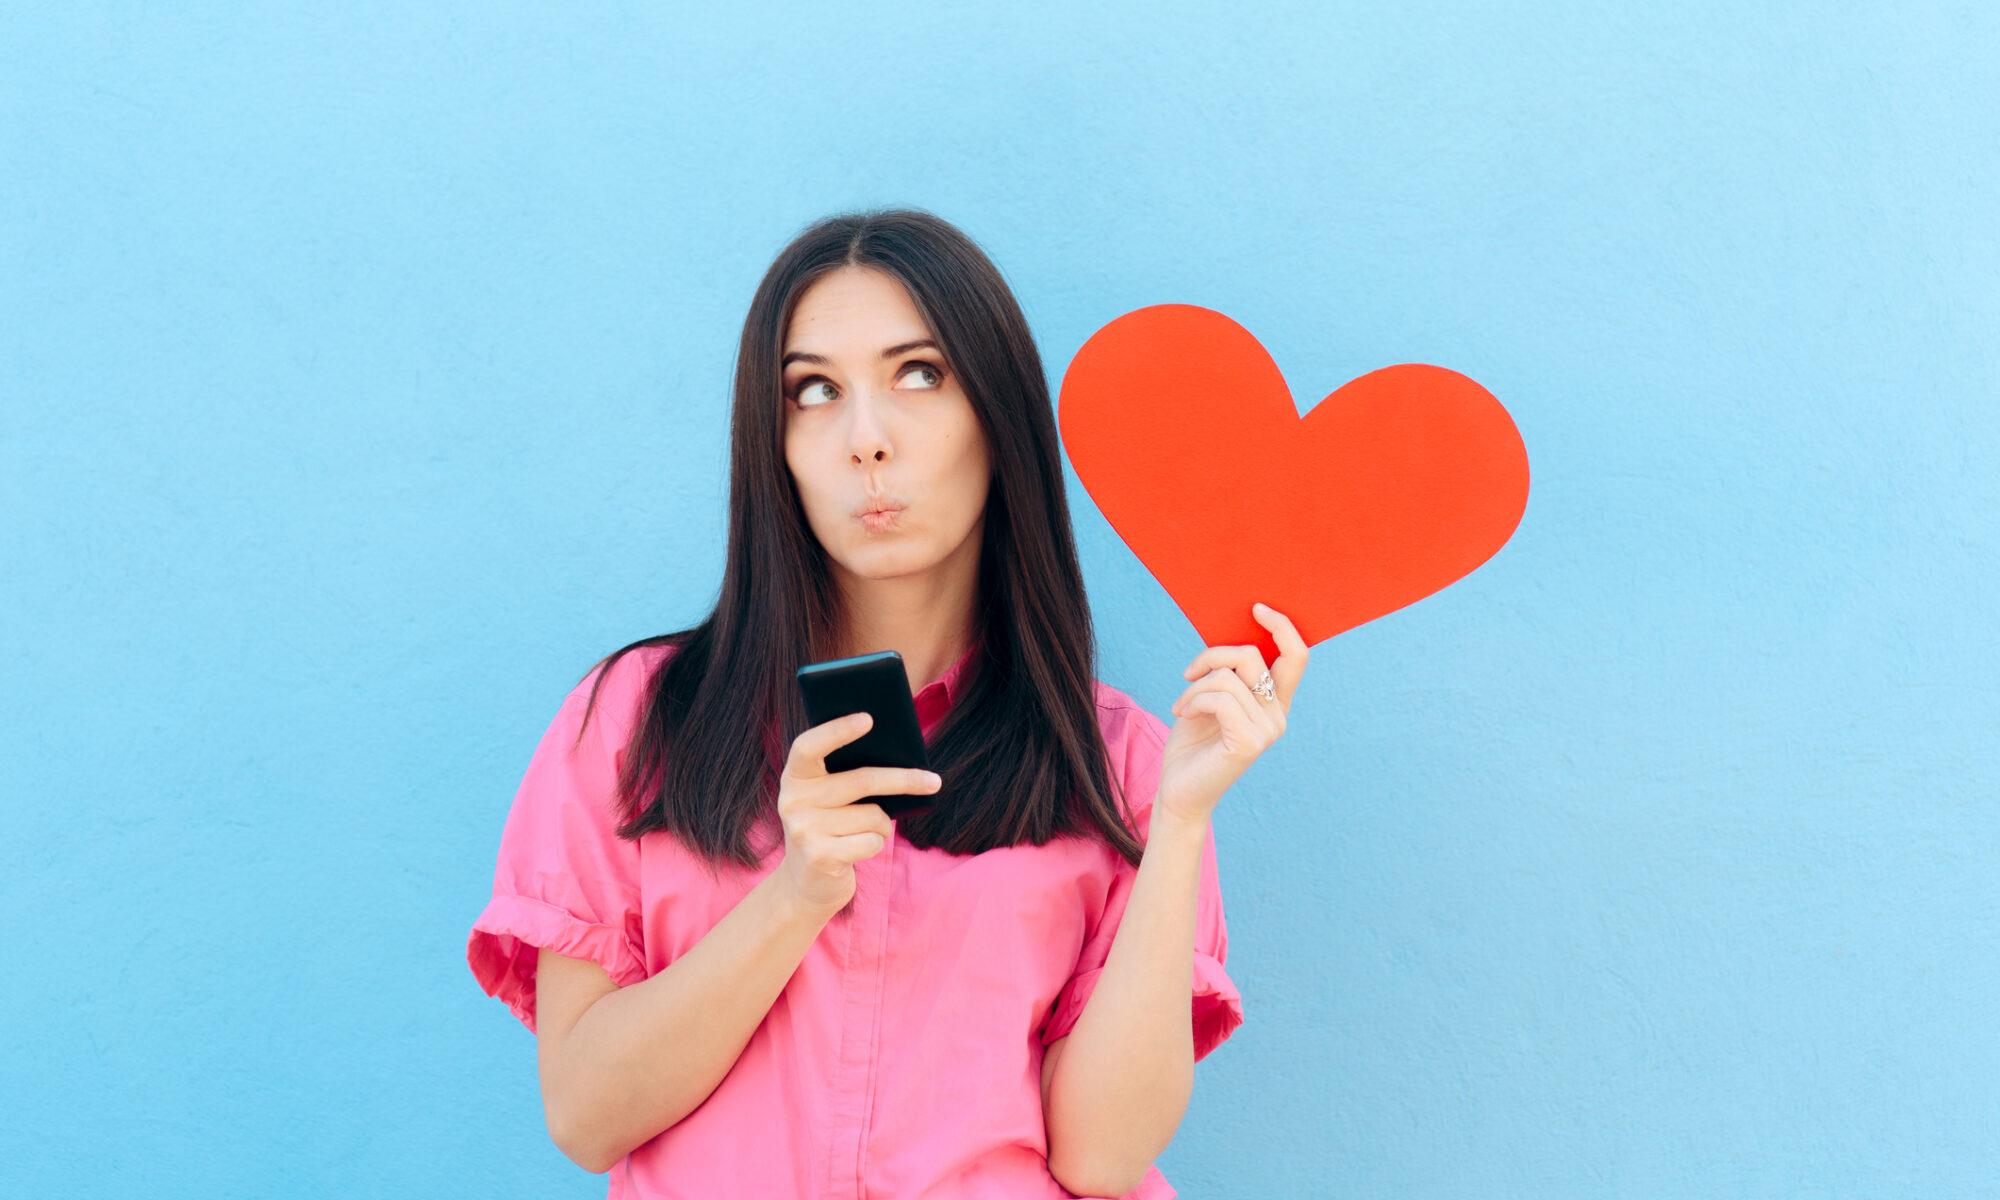 Verliebte Frau mit Herz und Handy in der Hand